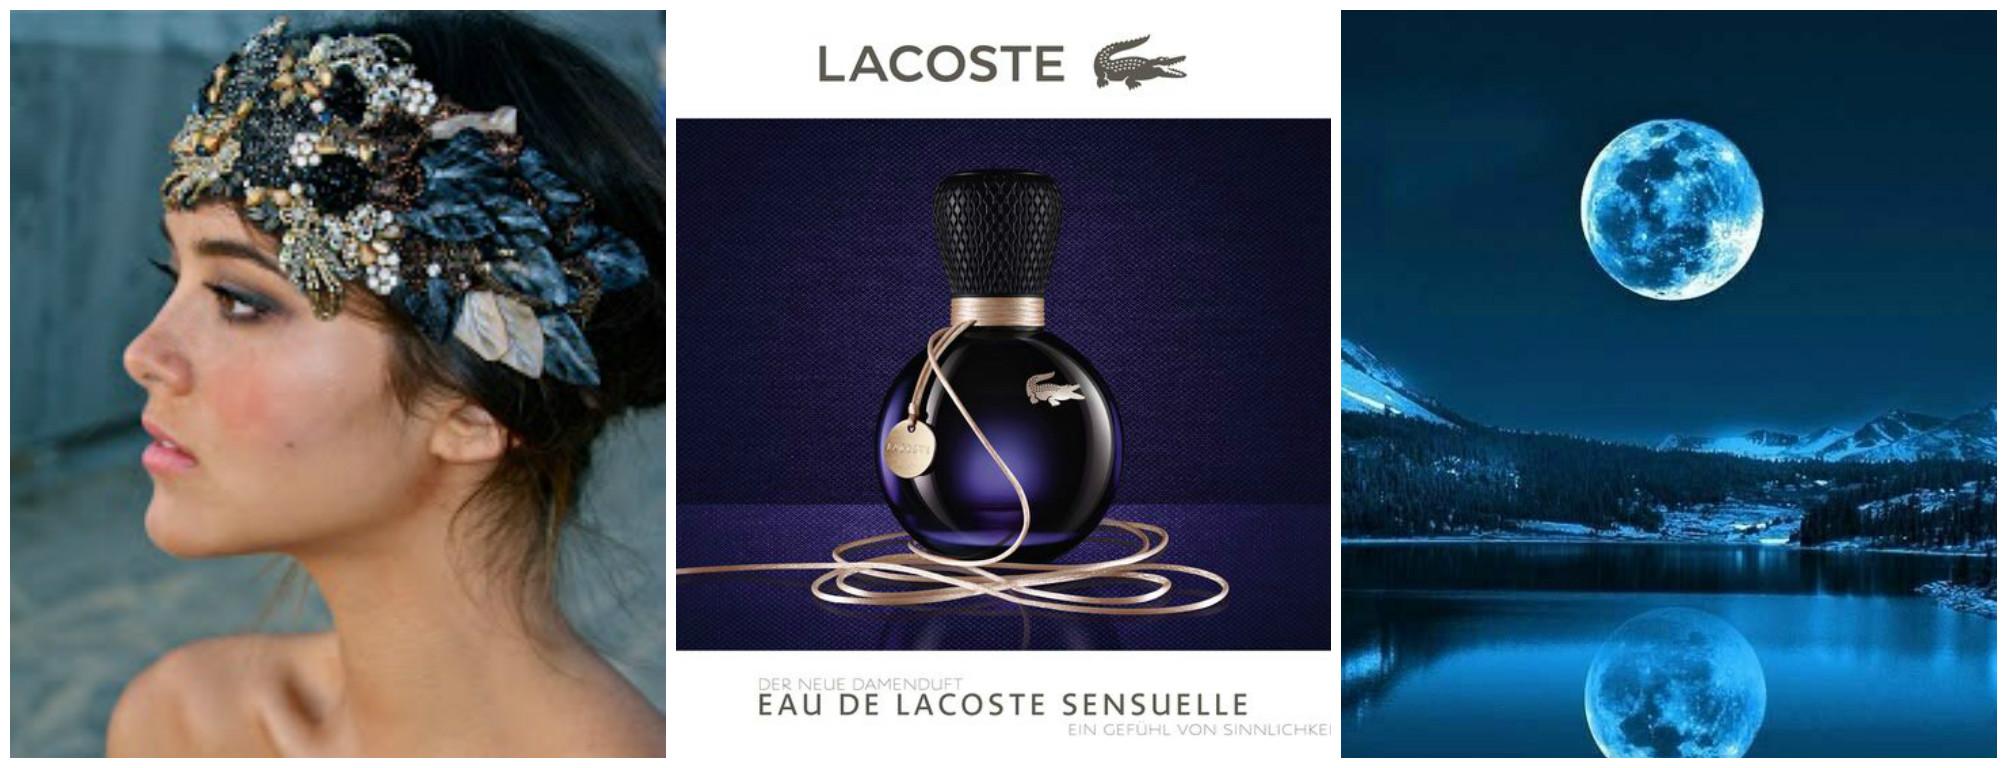 LACOSTE Eau De Lacoste Sensuelle Perfume